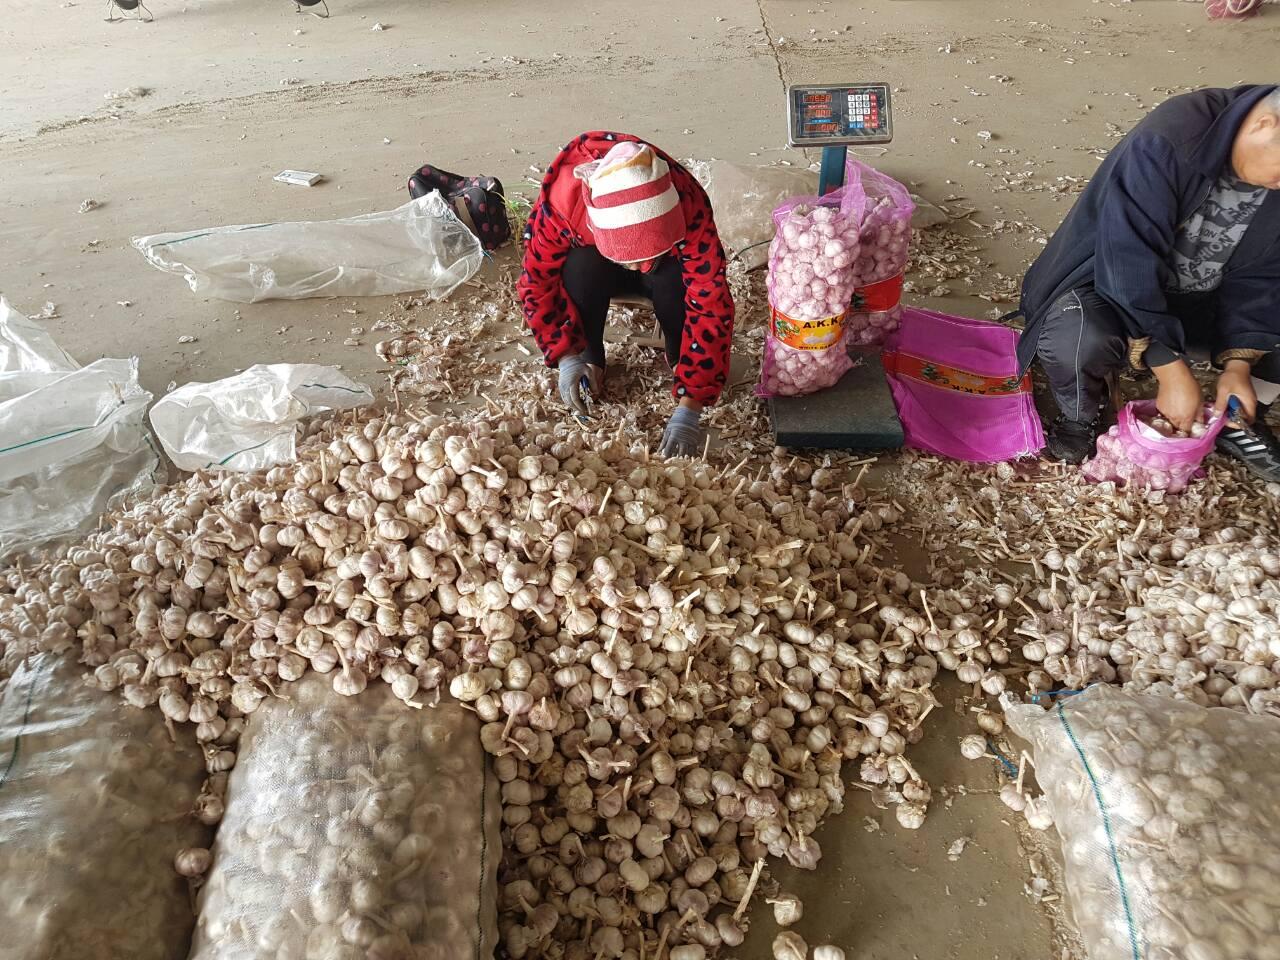 женщины обрезают стебли чеснока на рынке Цзиньсян в Китае